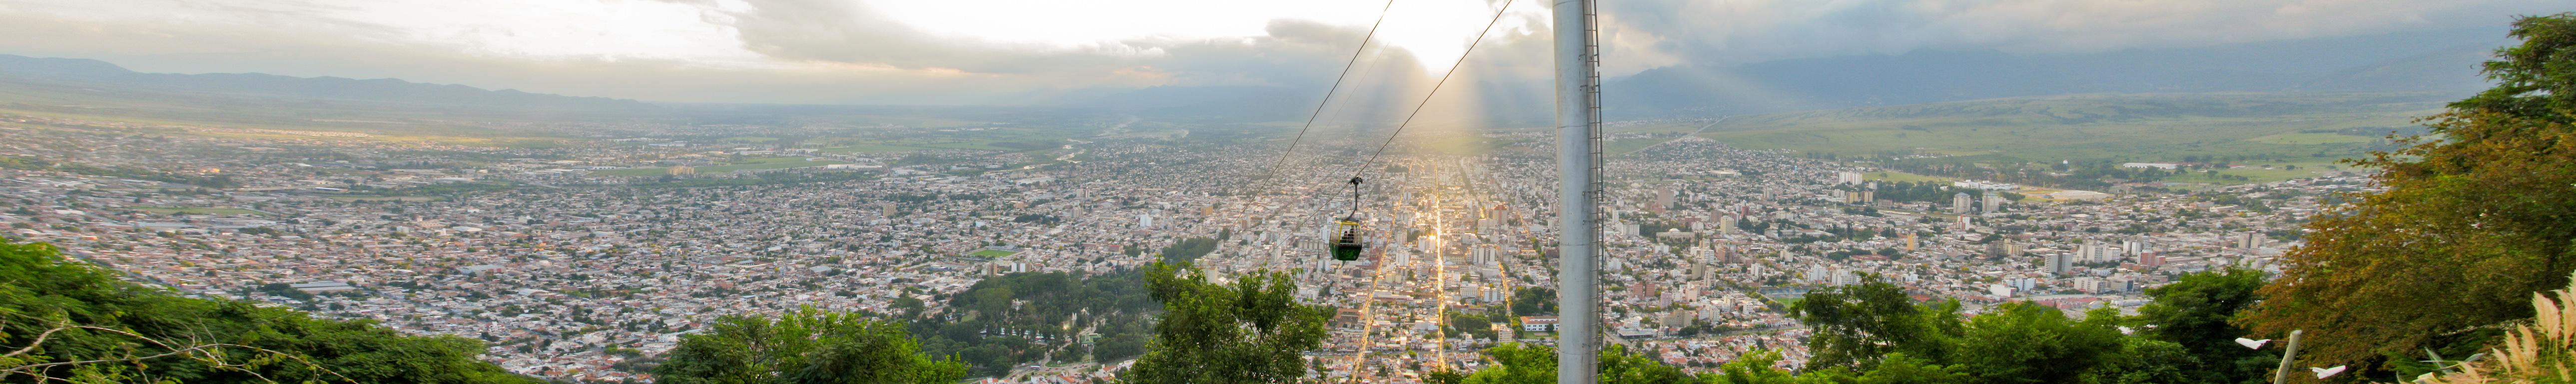 Vista panorámica de Salta 2011-03-22.jpg